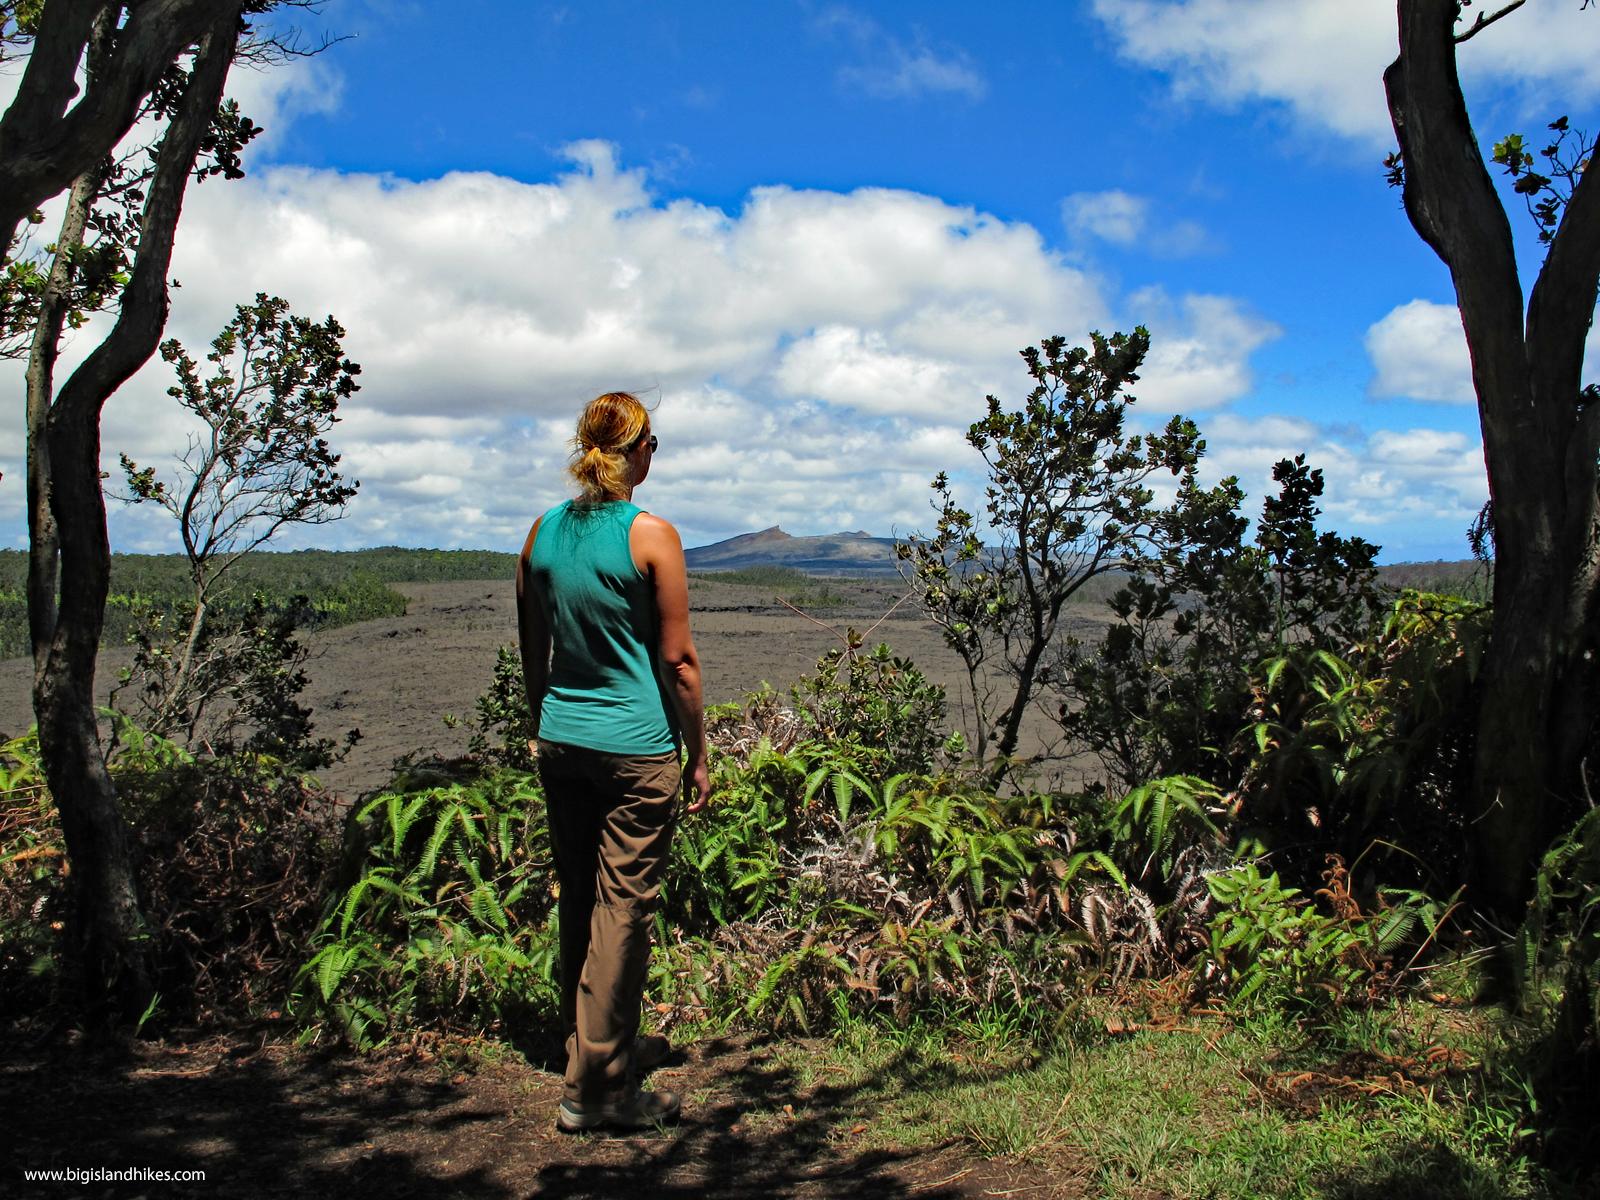 The view from the top of Pu'u Huluhulu